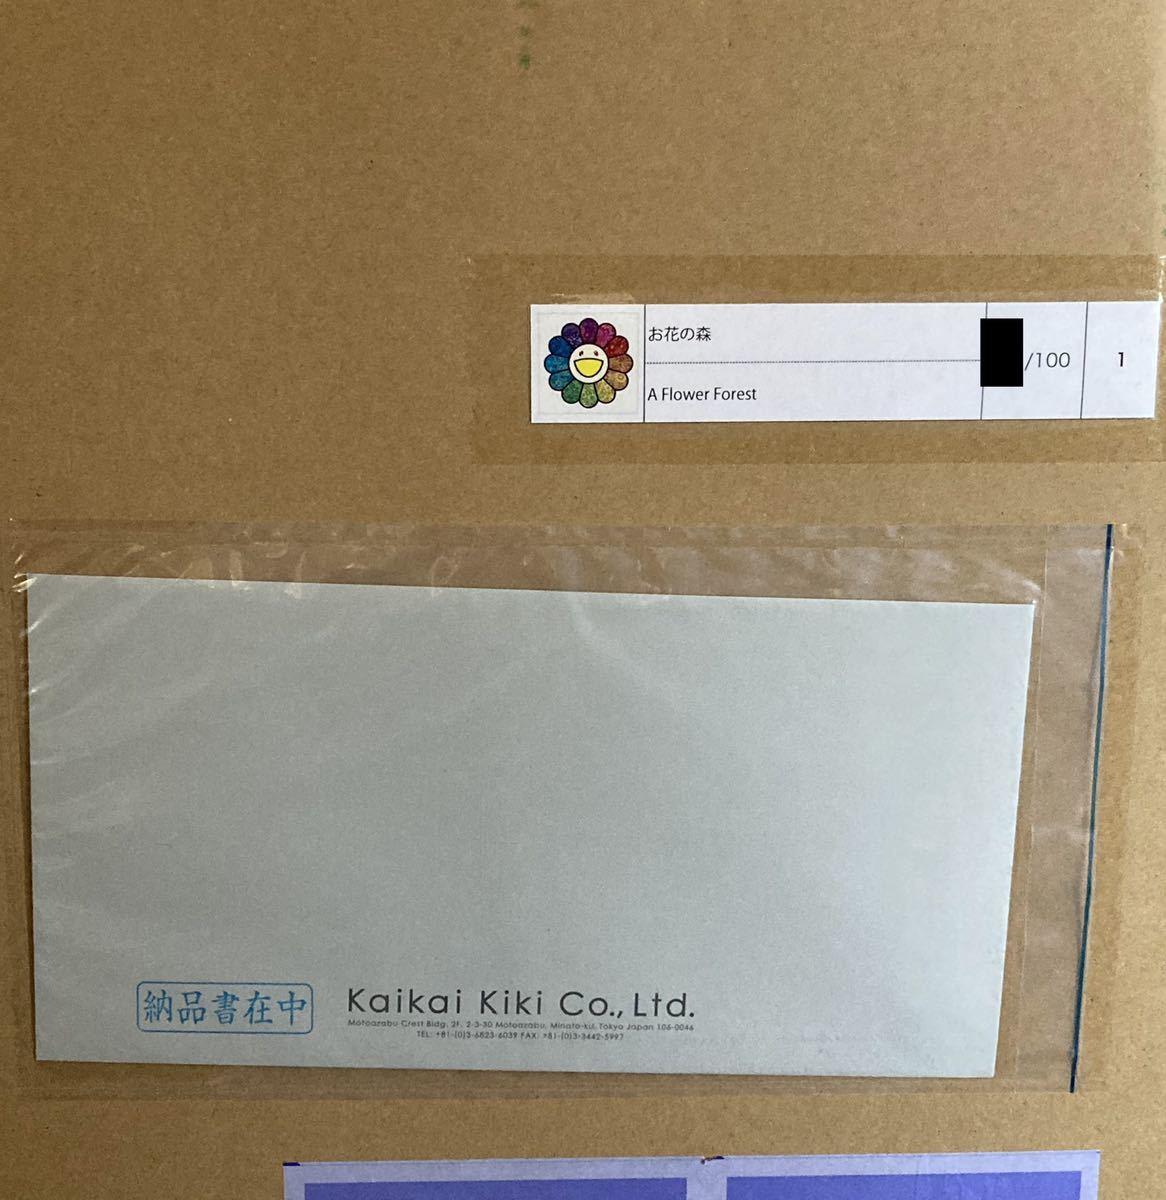 【新品・未開封・送料無料】村上隆 お花の森 版画 ED100 Takashi Murakami A Flower Forest Zingaro_画像3